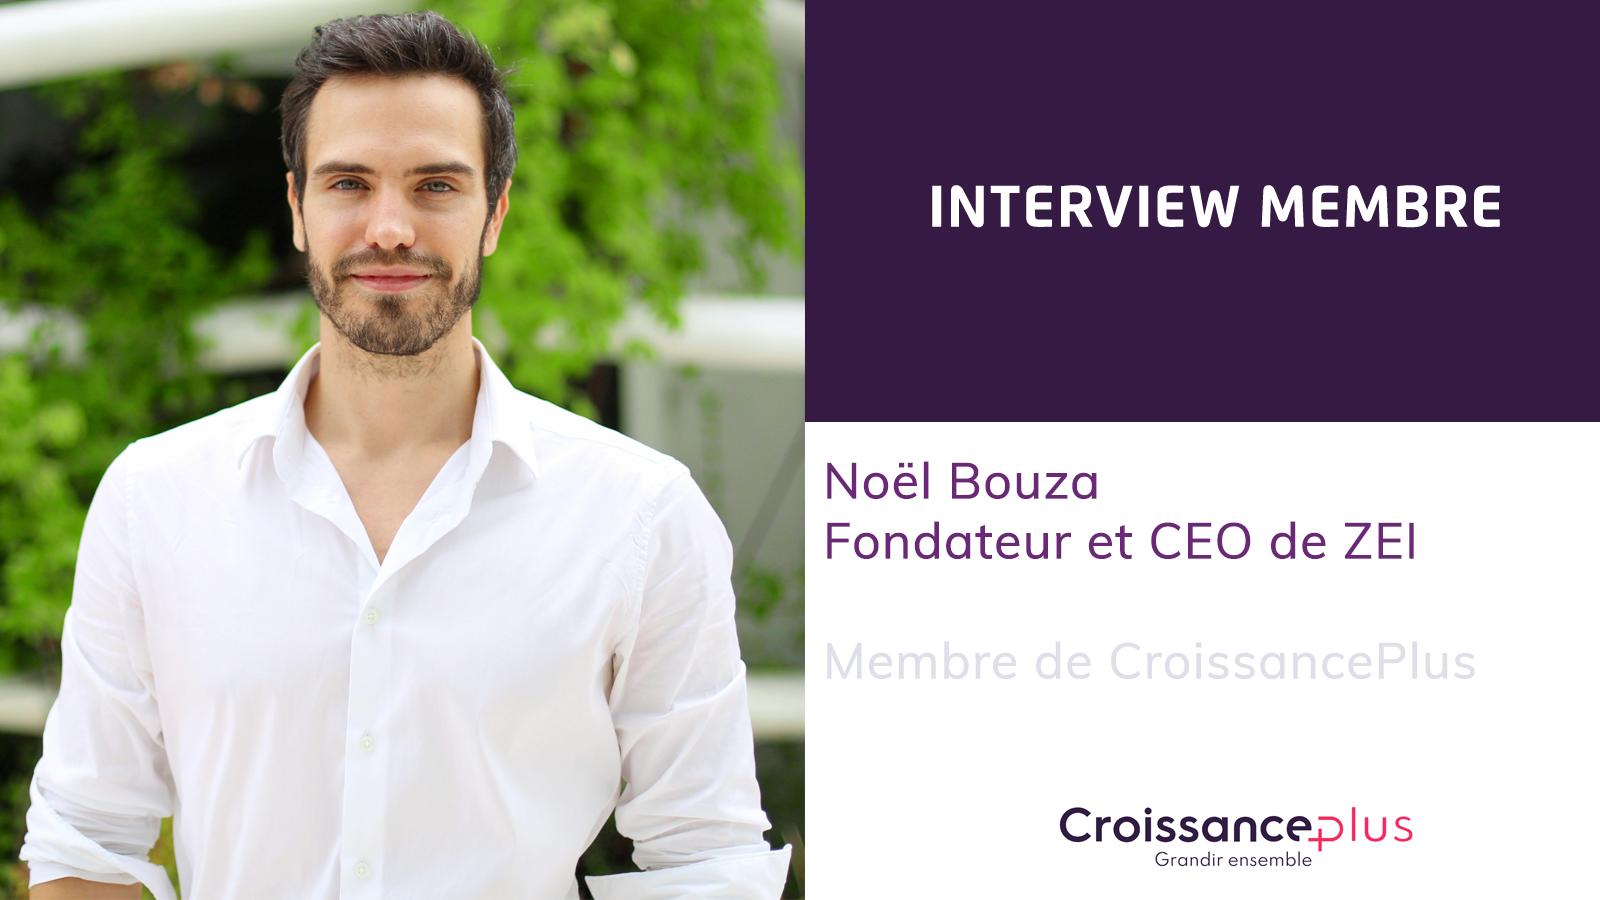 Découvrez Noël Bauza, Fondateur et CEO de ZEI